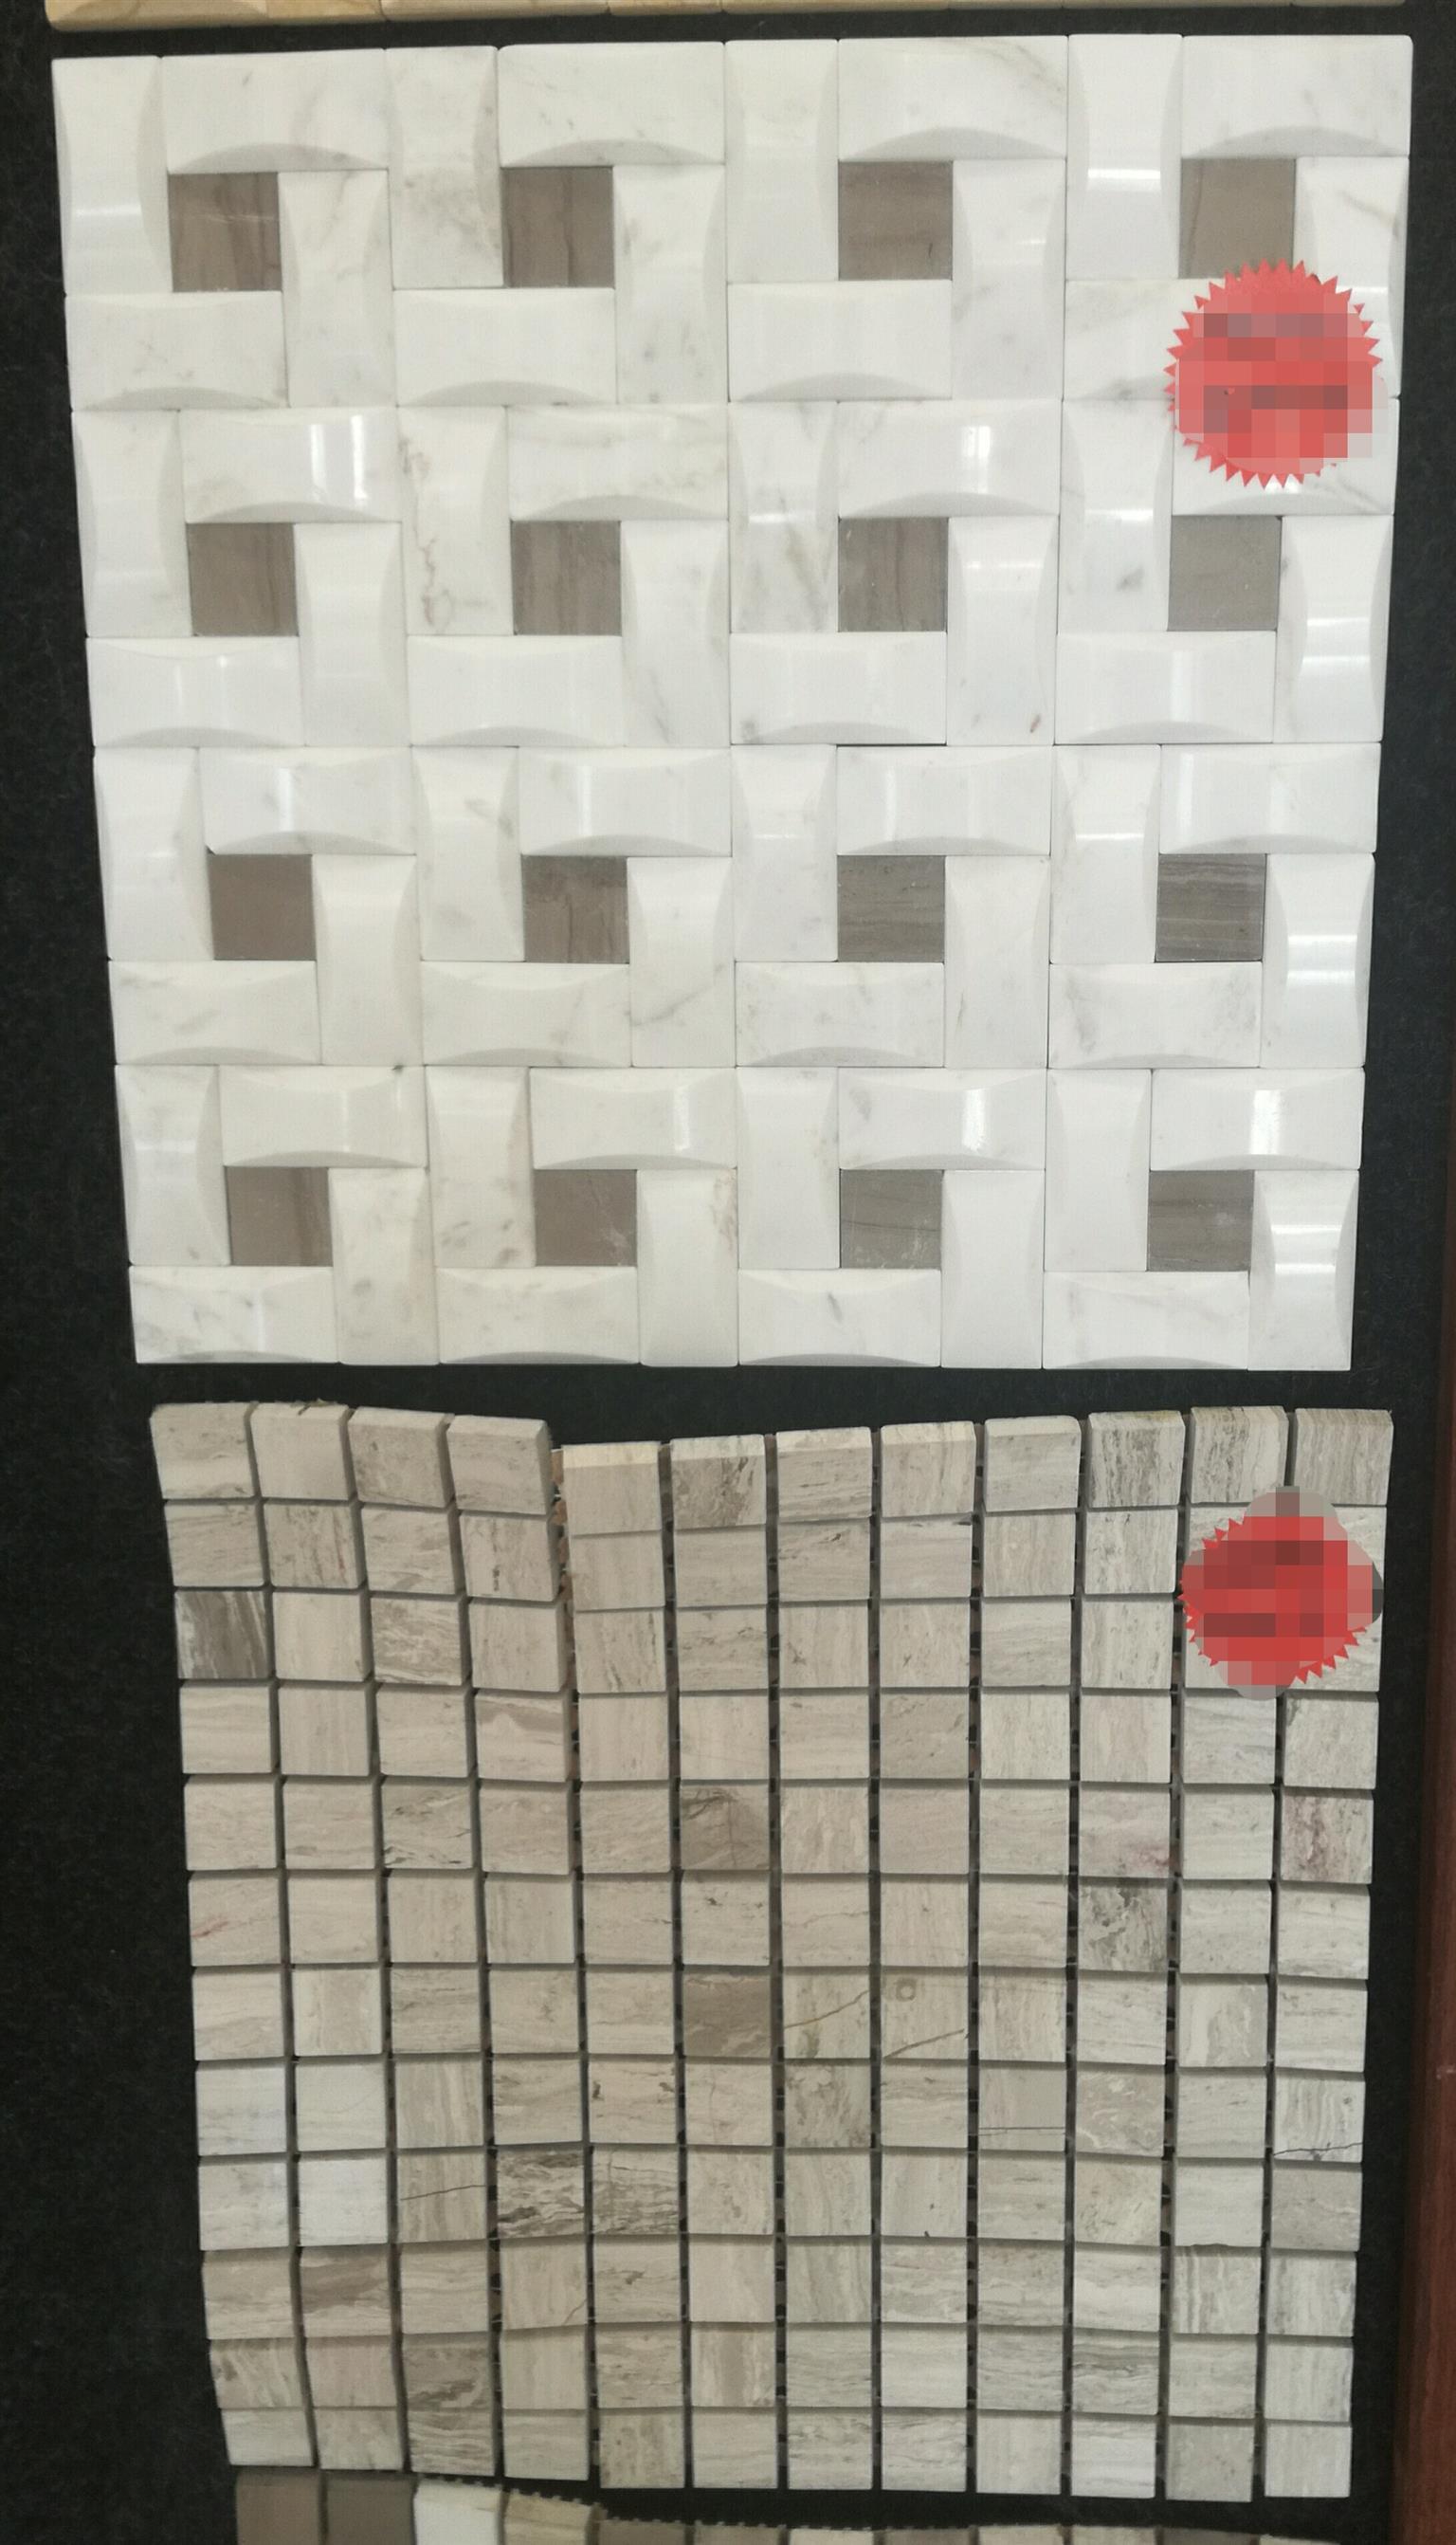 Porcelain wall floor tiles sales exclusive ceramics bathroom porcelain wall floor tiles sales exclusive ceramics bathroom dailygadgetfo Choice Image